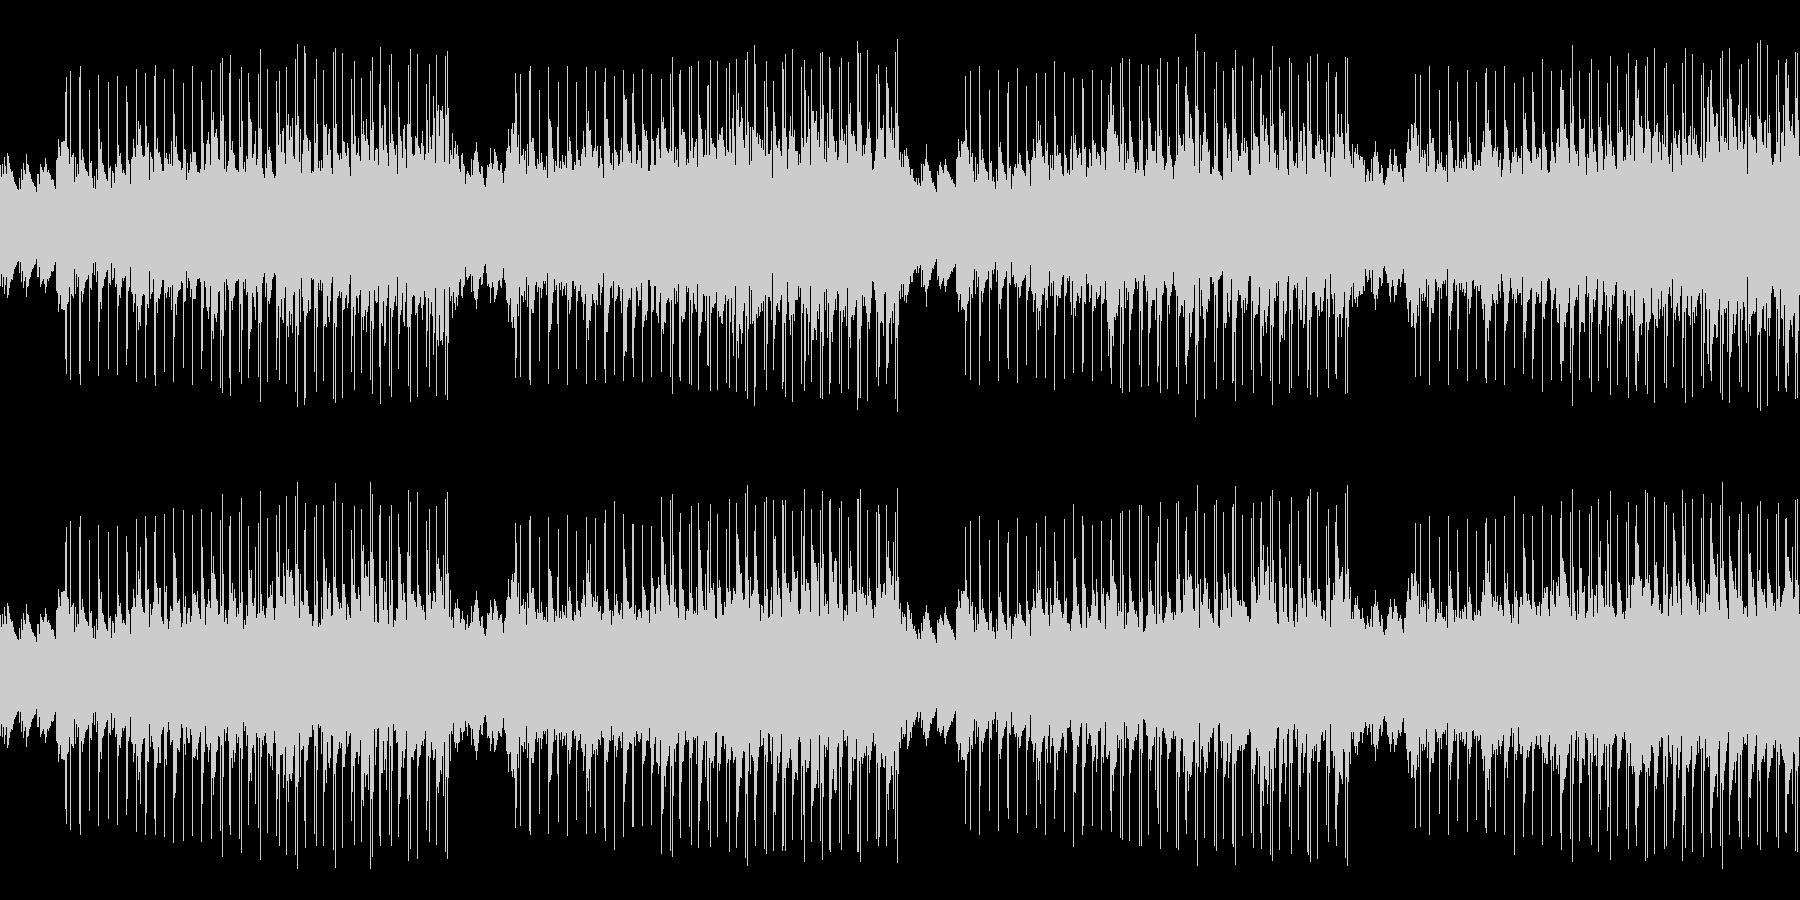 「た」で遊んだ音楽です。の未再生の波形